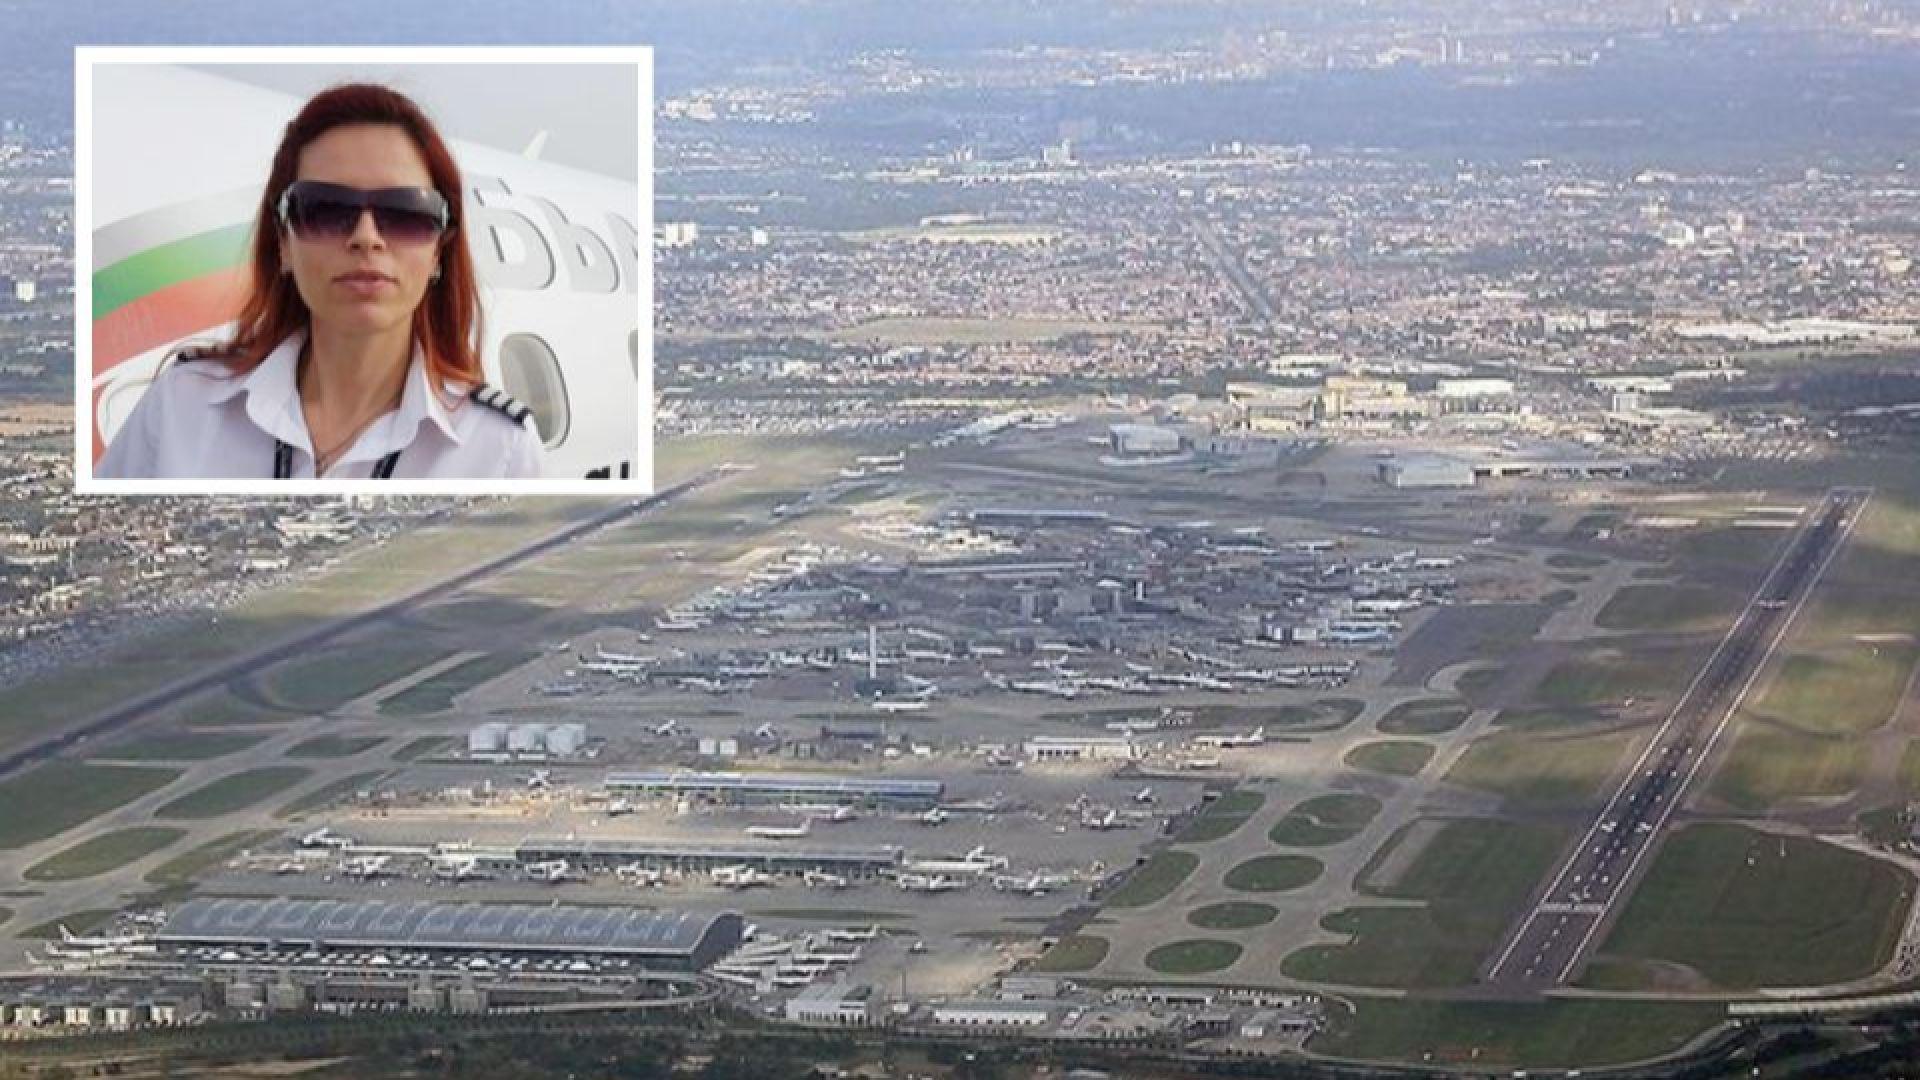 """Българка приземи успешно самолет на летище """"Хийтроу"""" по време на силната буря (видео)"""